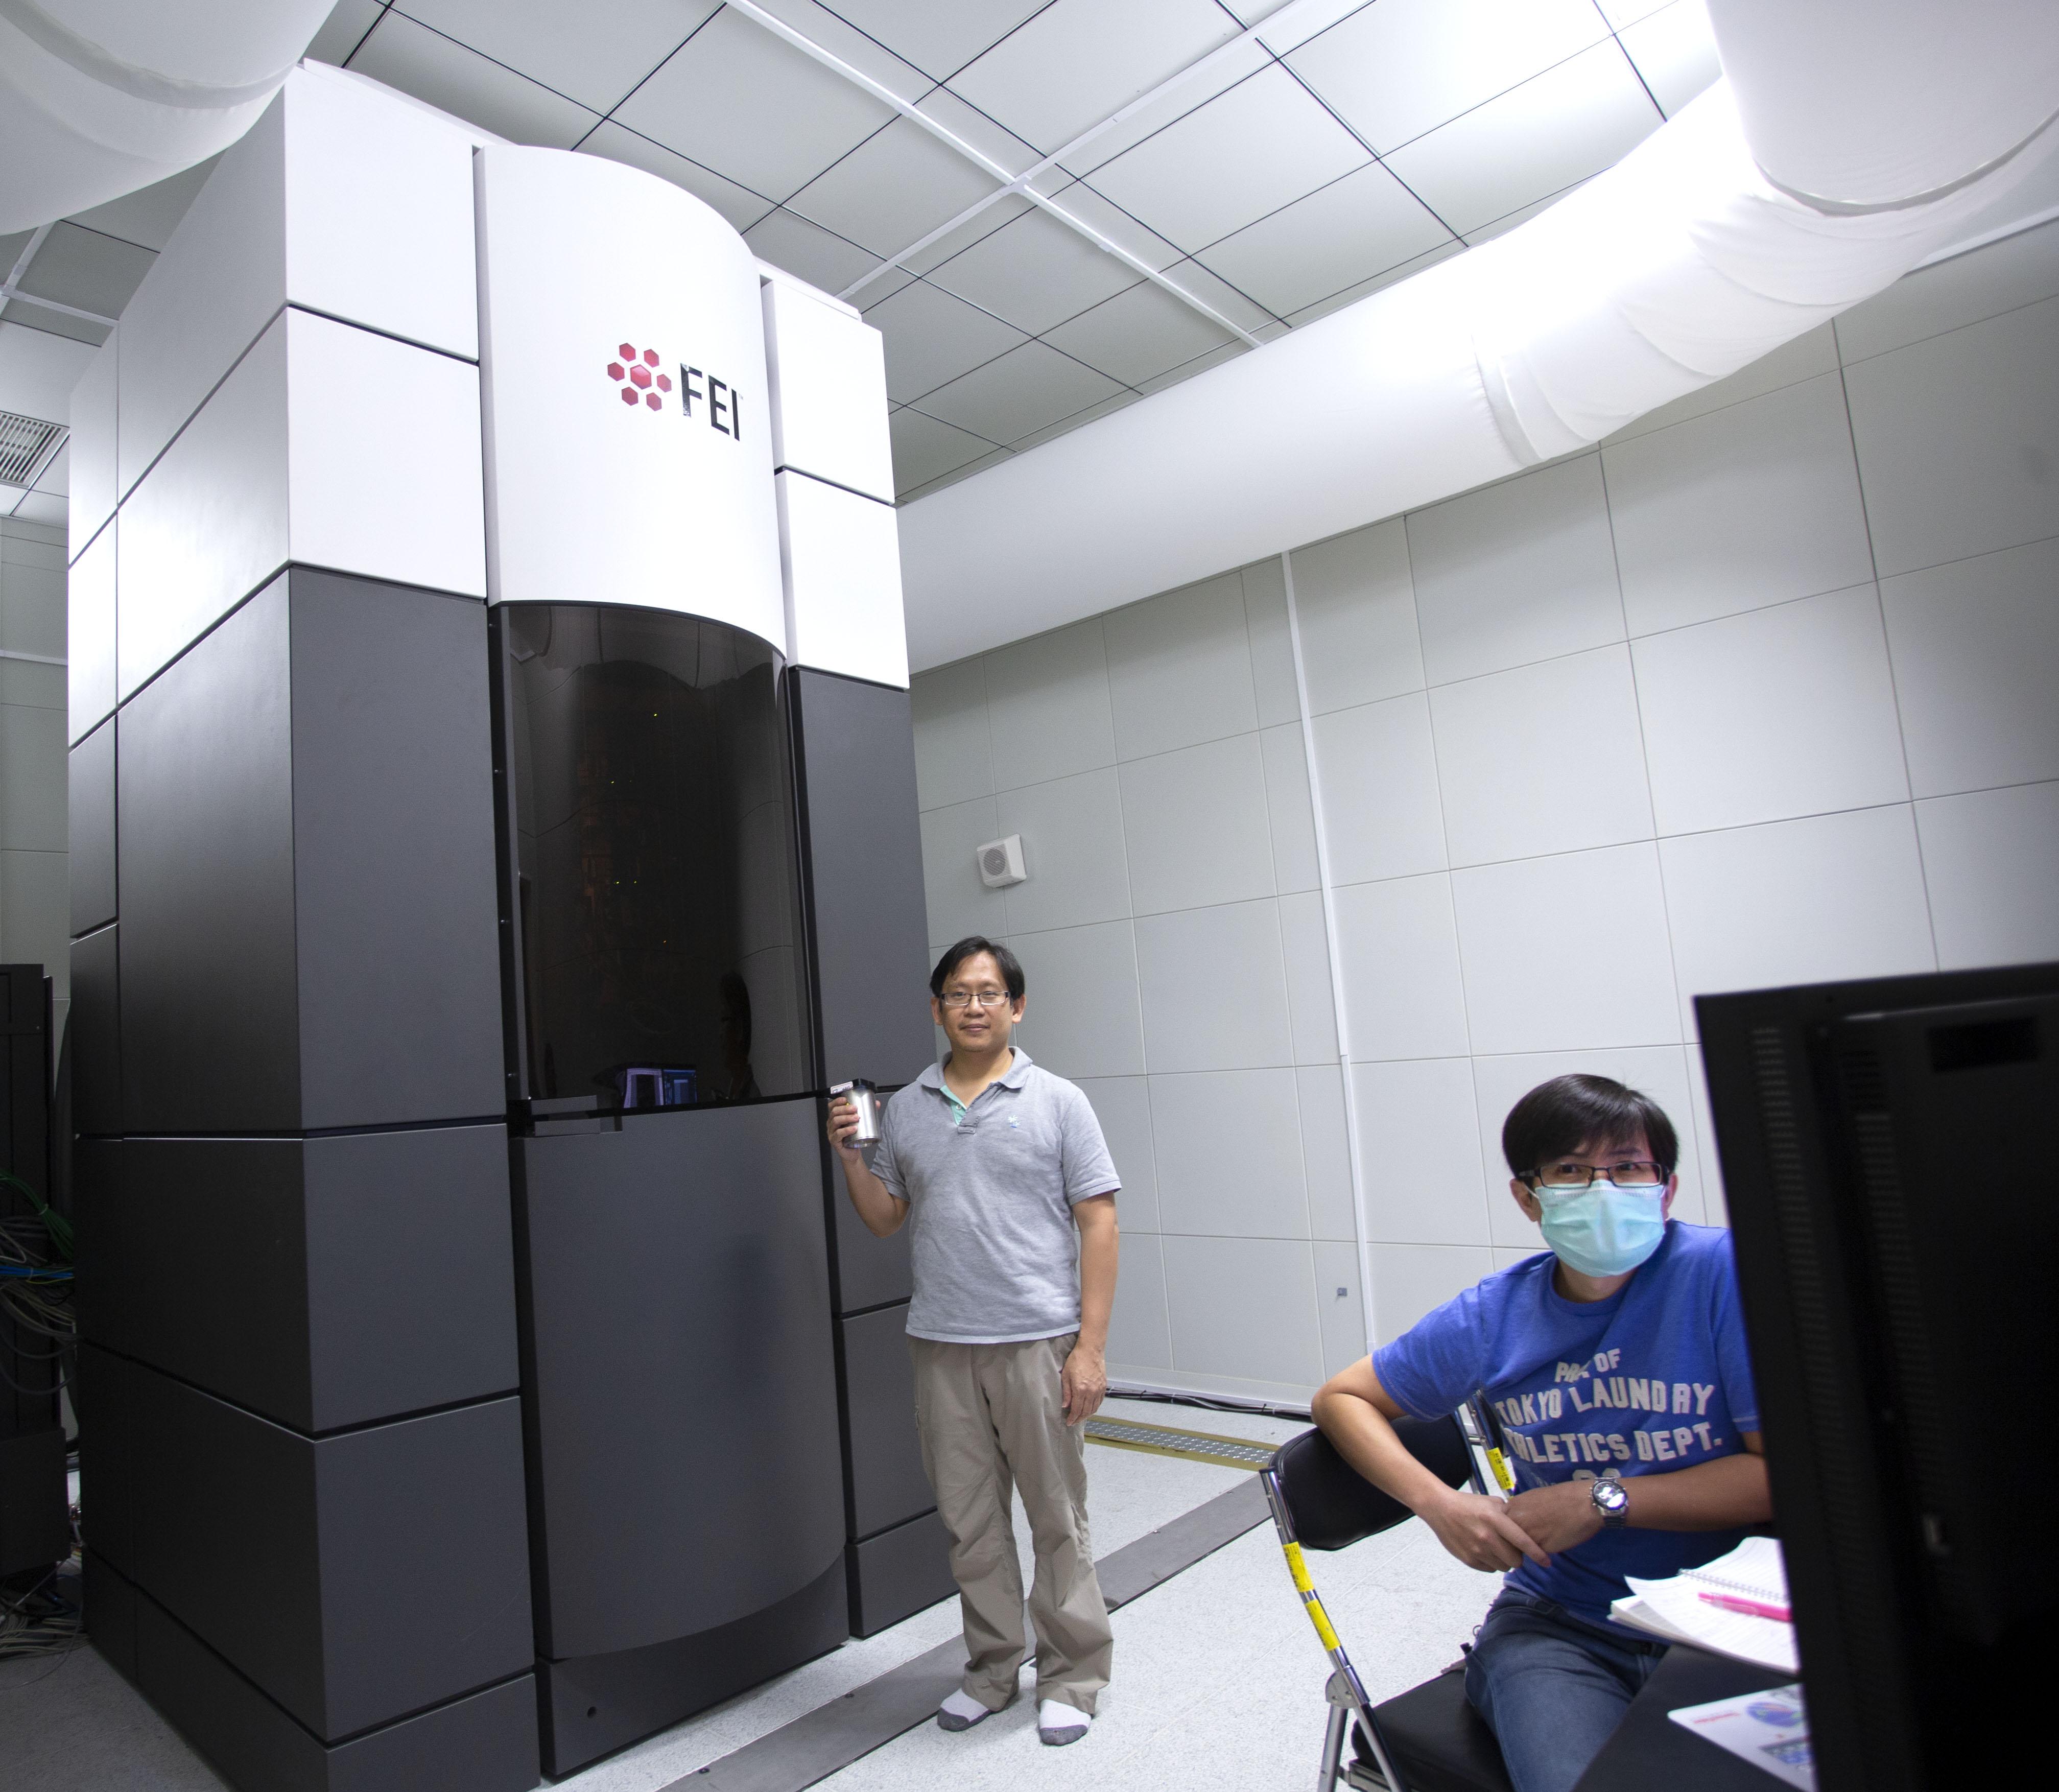 中研院的一台高階冷凍電子顯微鏡:Titan Krios。為了不干擾冷凍電顯的觀測,整個環境設計為防震、吸音、控溫、控濕,一絲絲微風也沒有。圖中立者為中研院生化所副研究員何孟樵, 坐者為冷凍電顯中心經理張淵智。攝影│林洵安